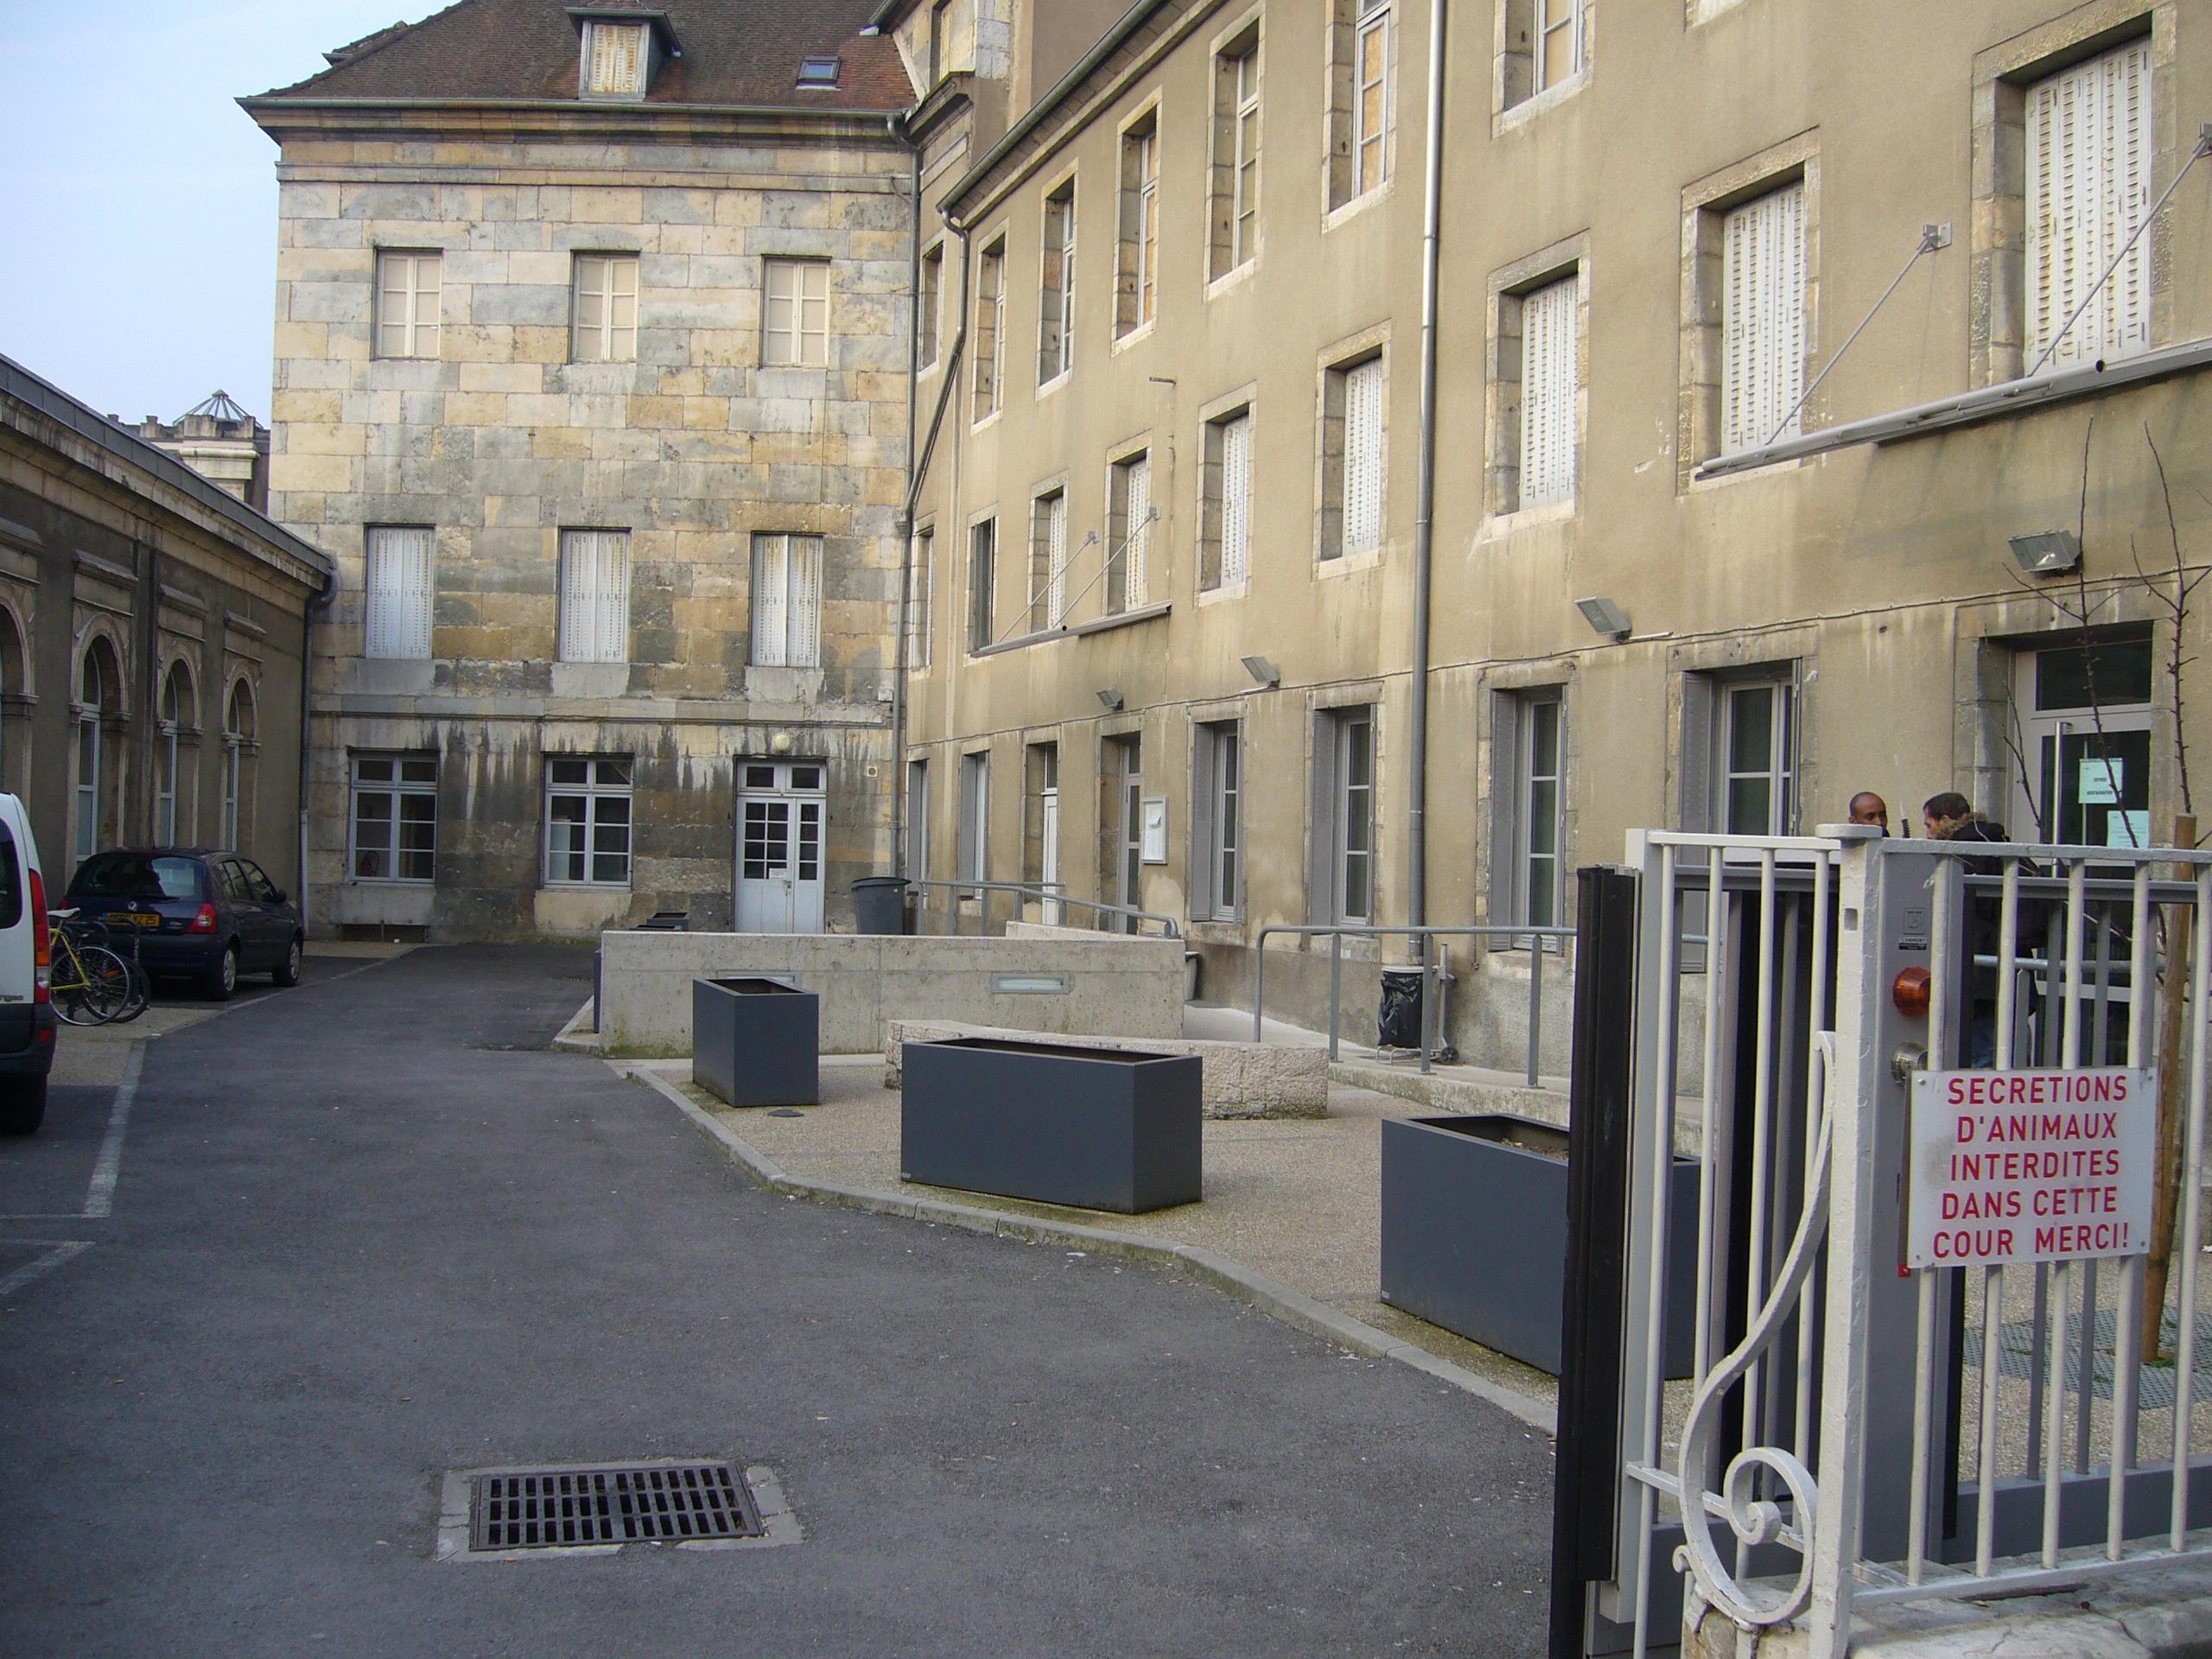 cour_accueil_de_jour_rue_champrond